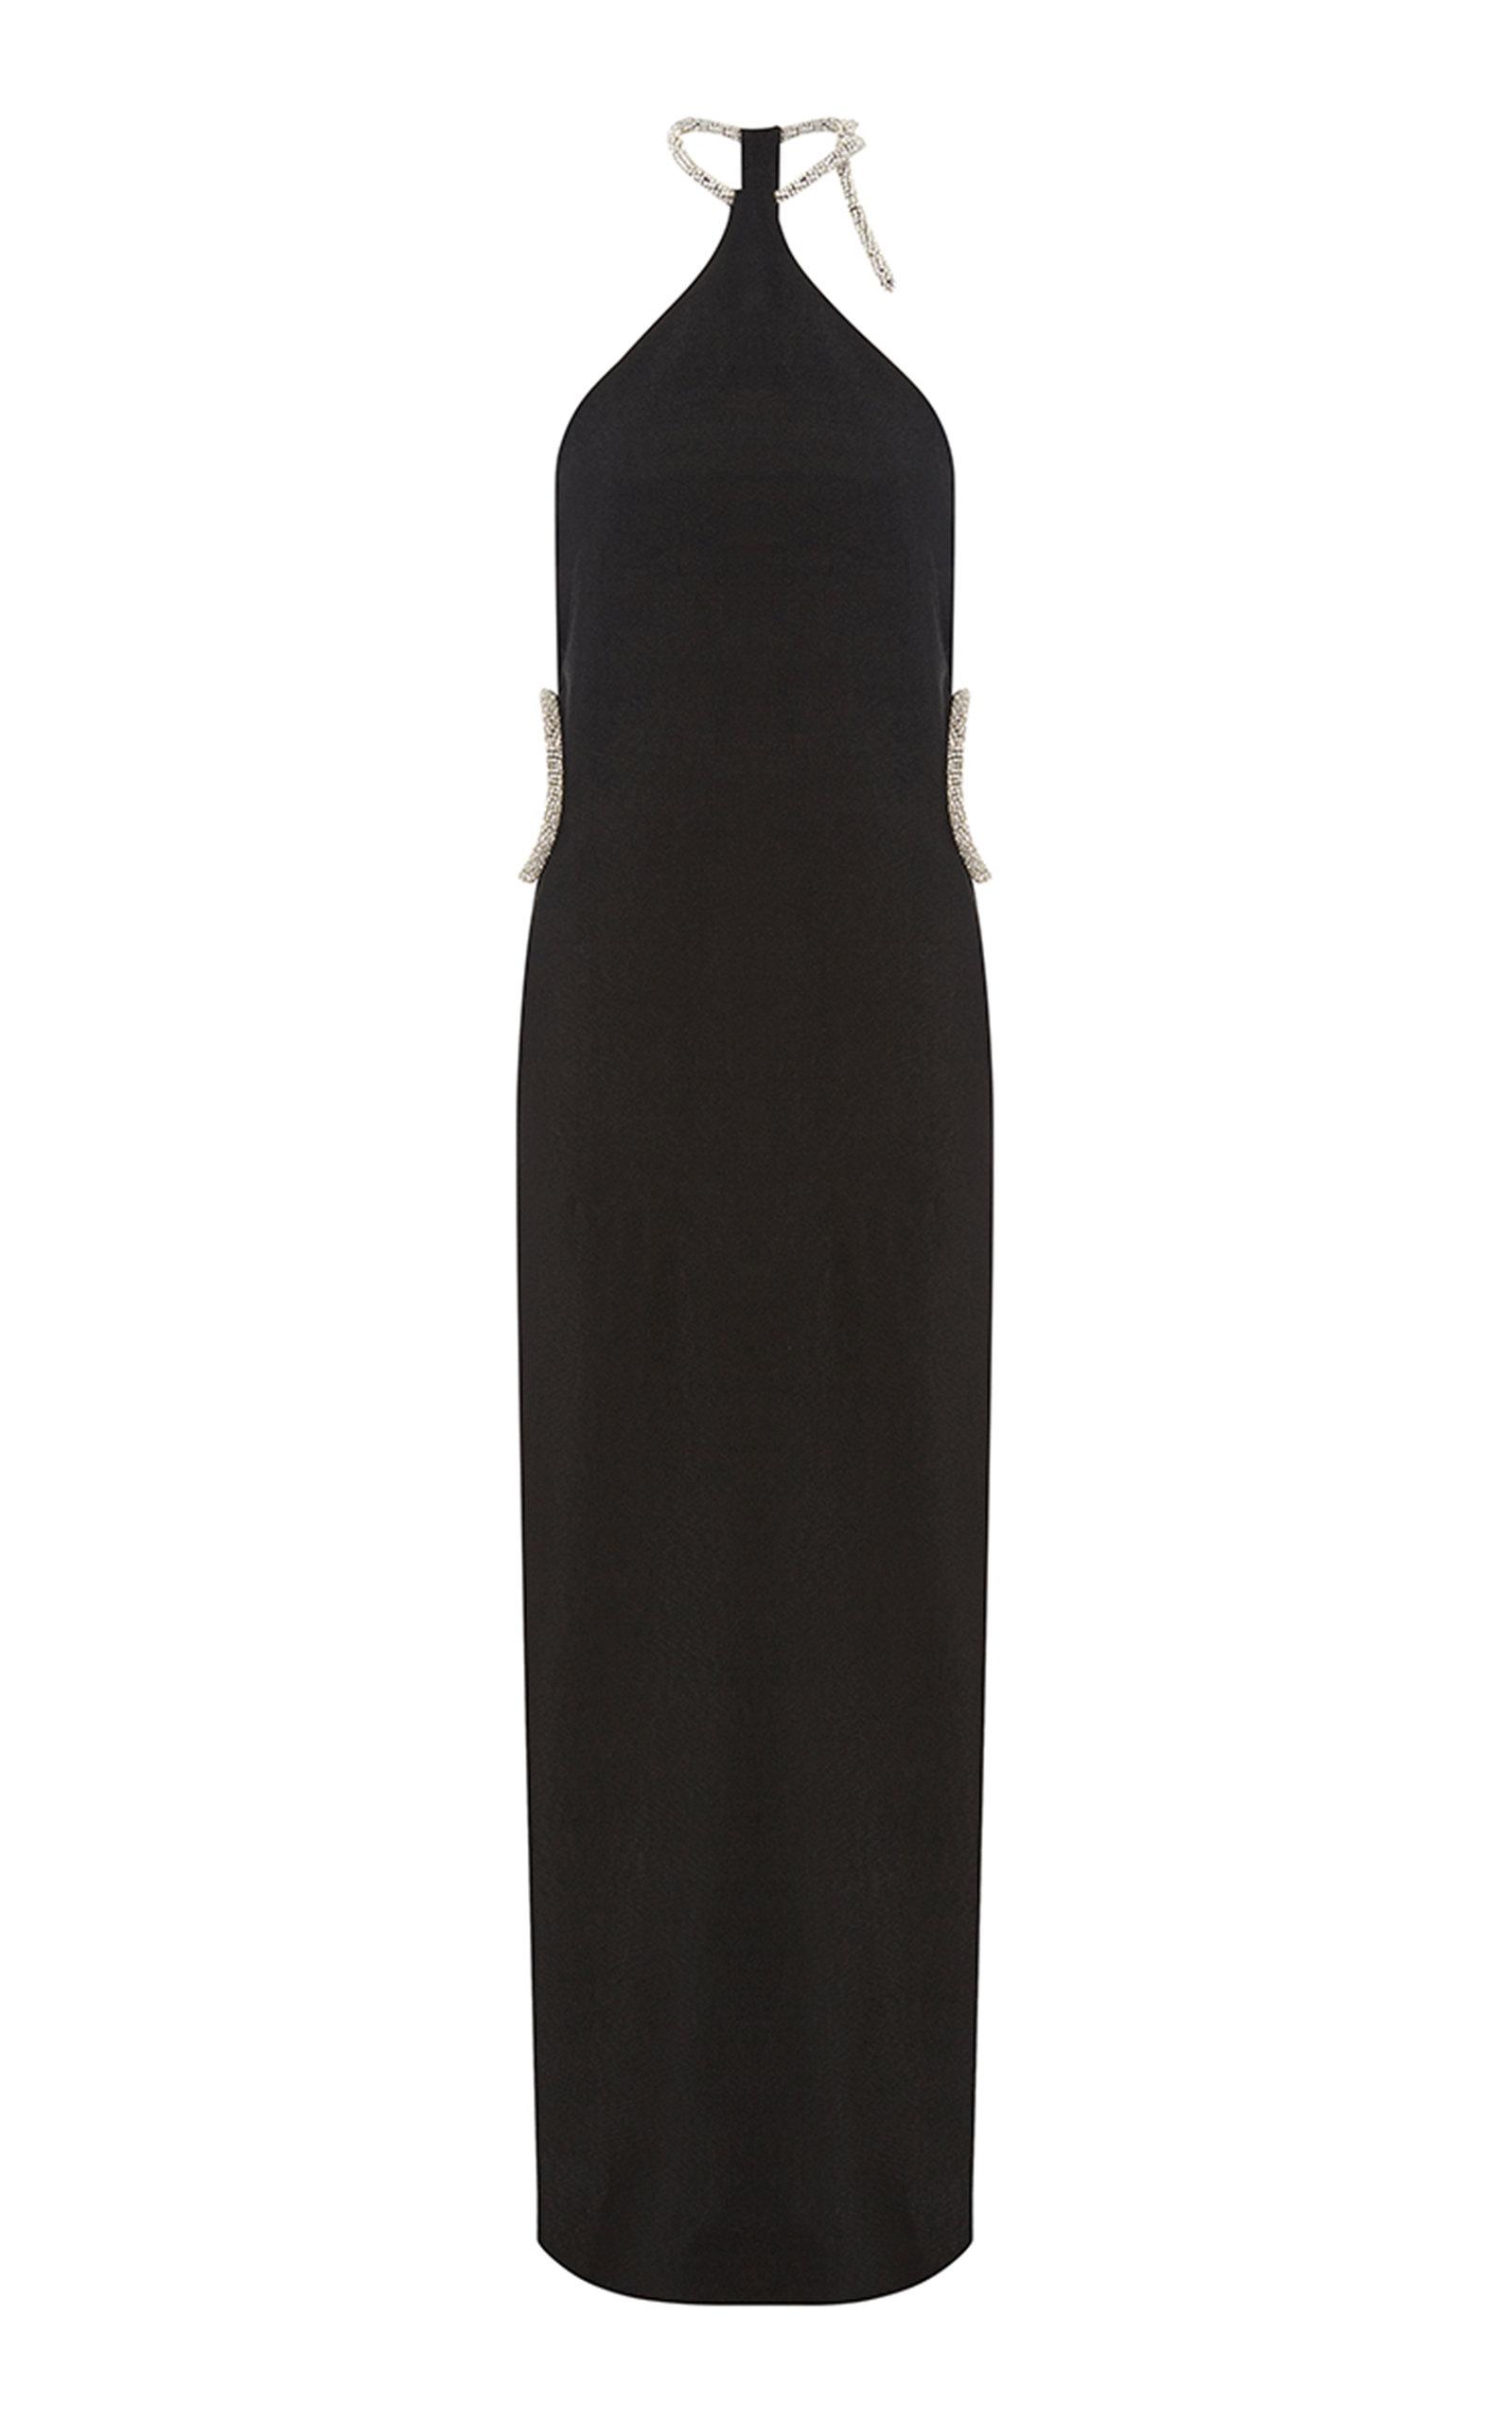 Buy Christopher Esber Crystal-Embellished Crepe Halterneck Dress online, shop Christopher Esber at the best price